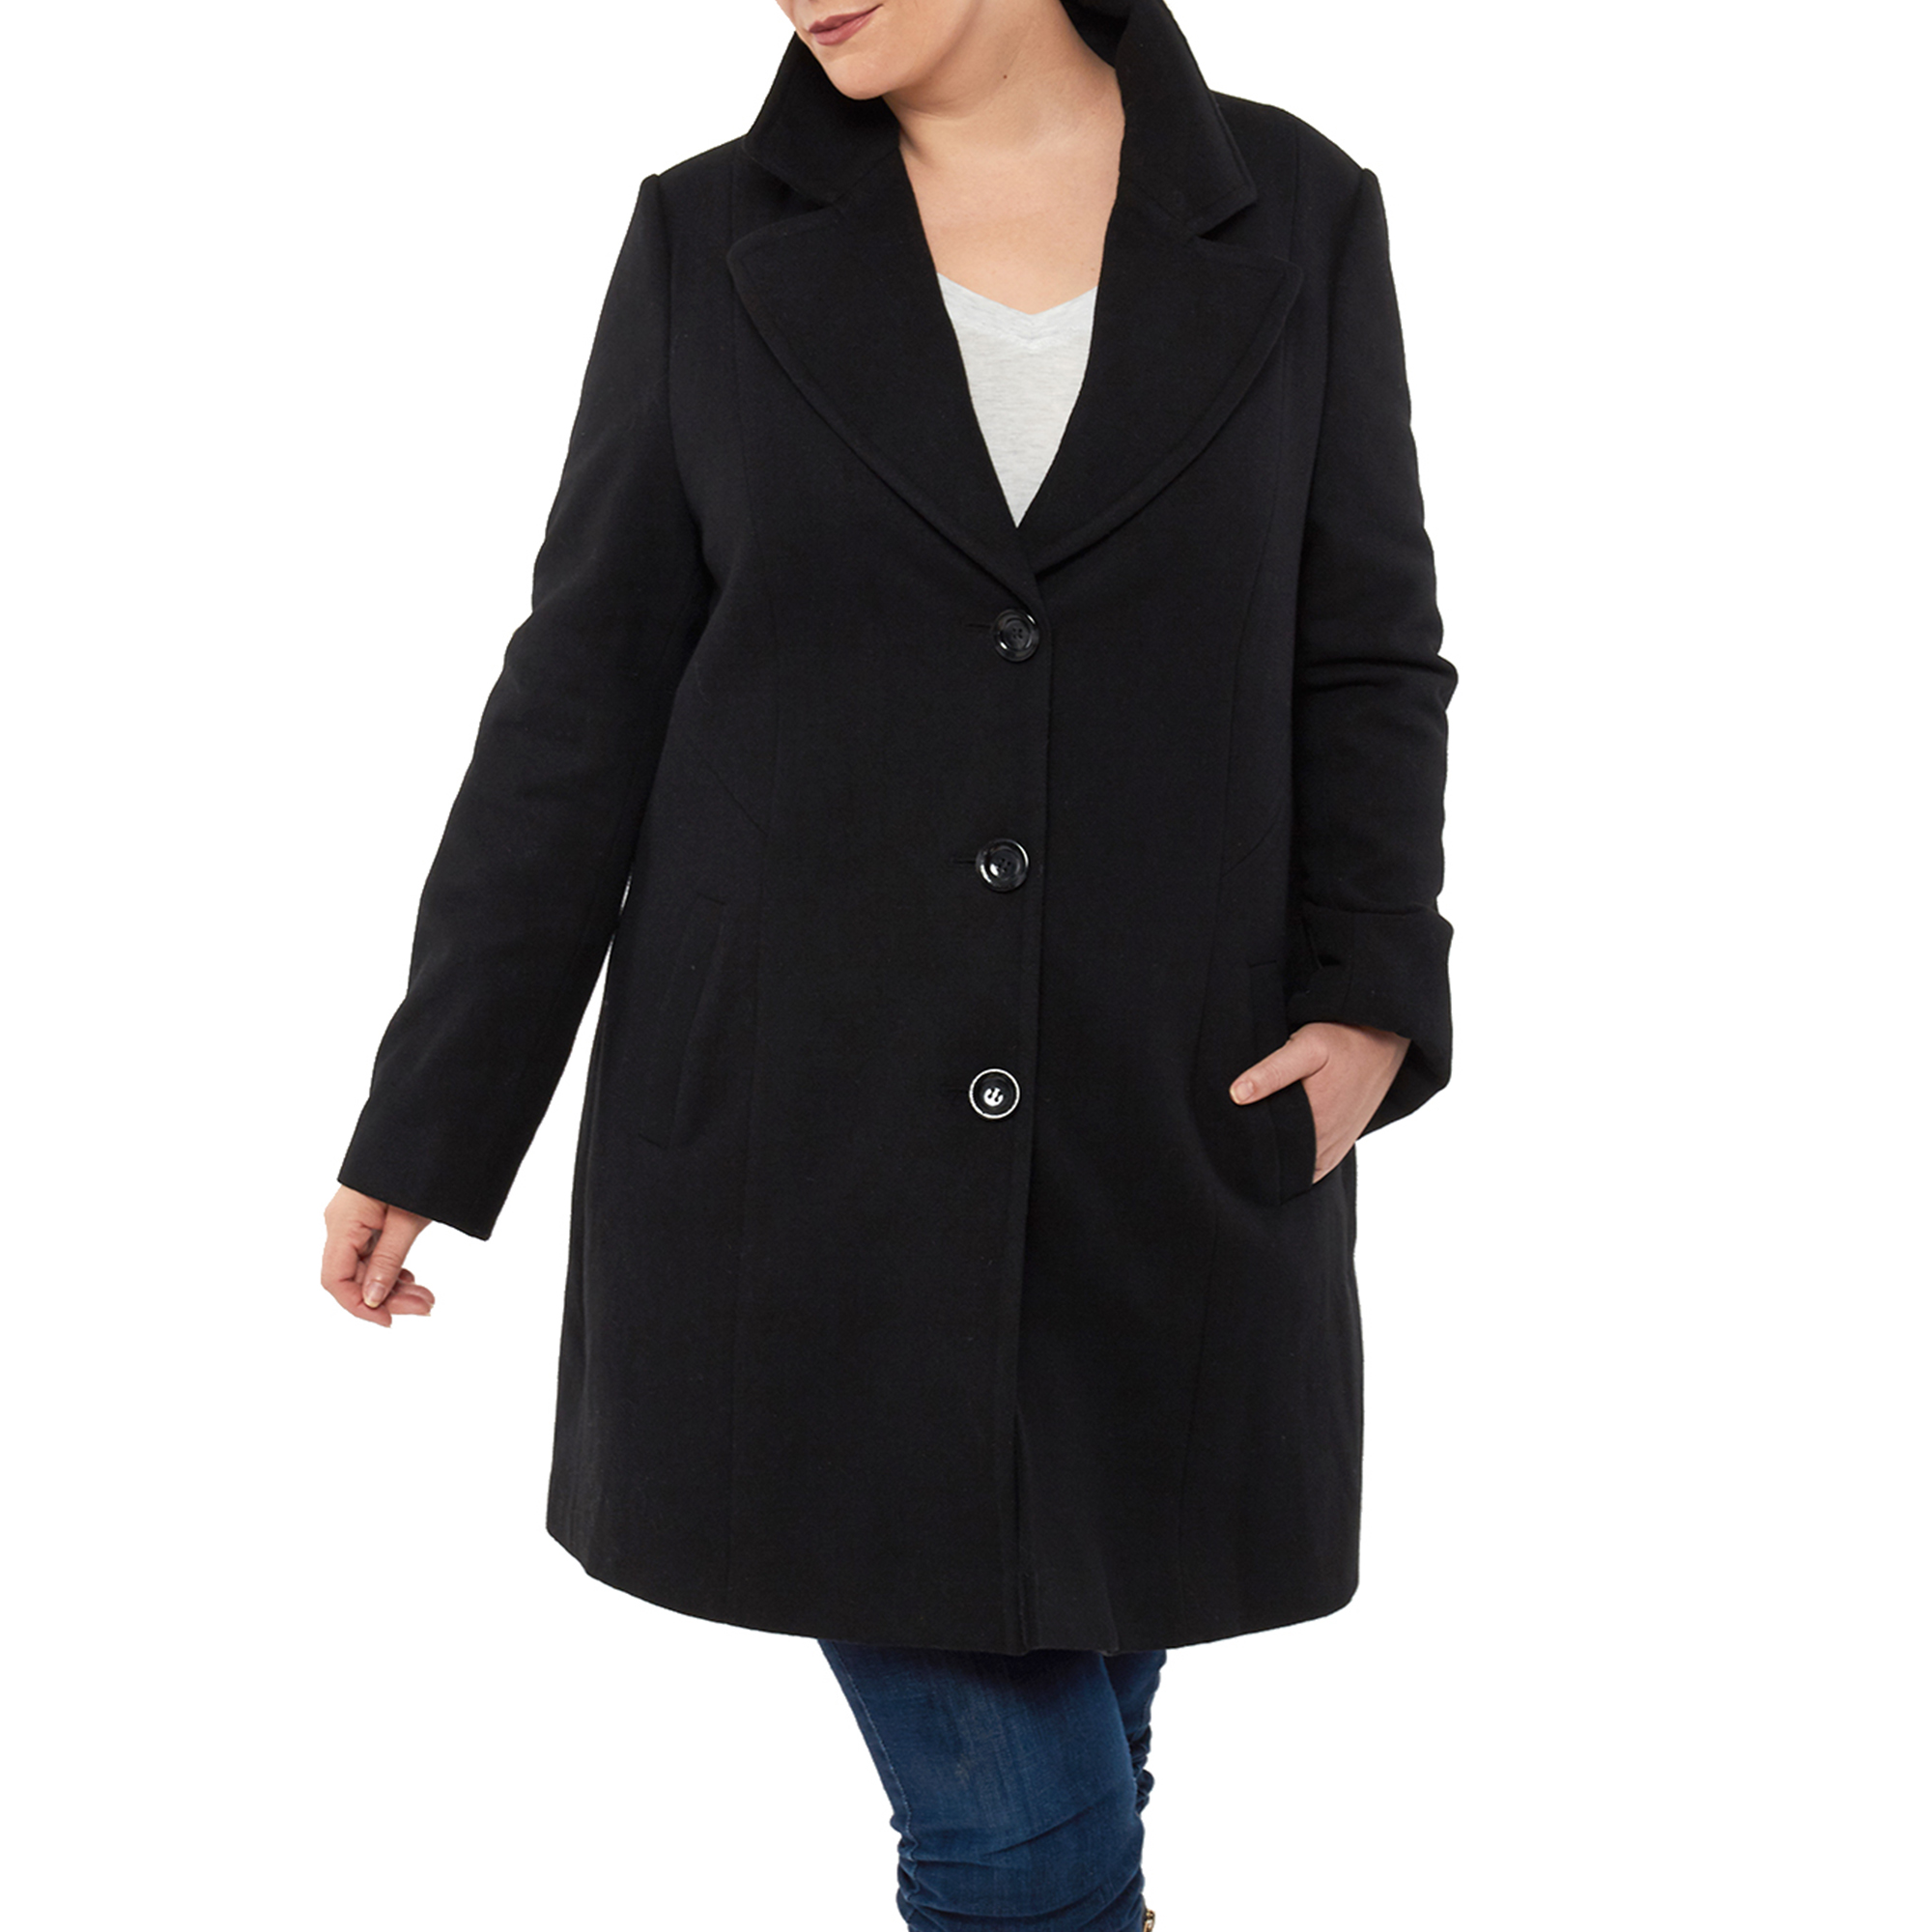 80c27f4a490 Alpine Swiss Womens Plus Size Wool Overcoat Walking Coat Blazer Pea Coat  Jacket